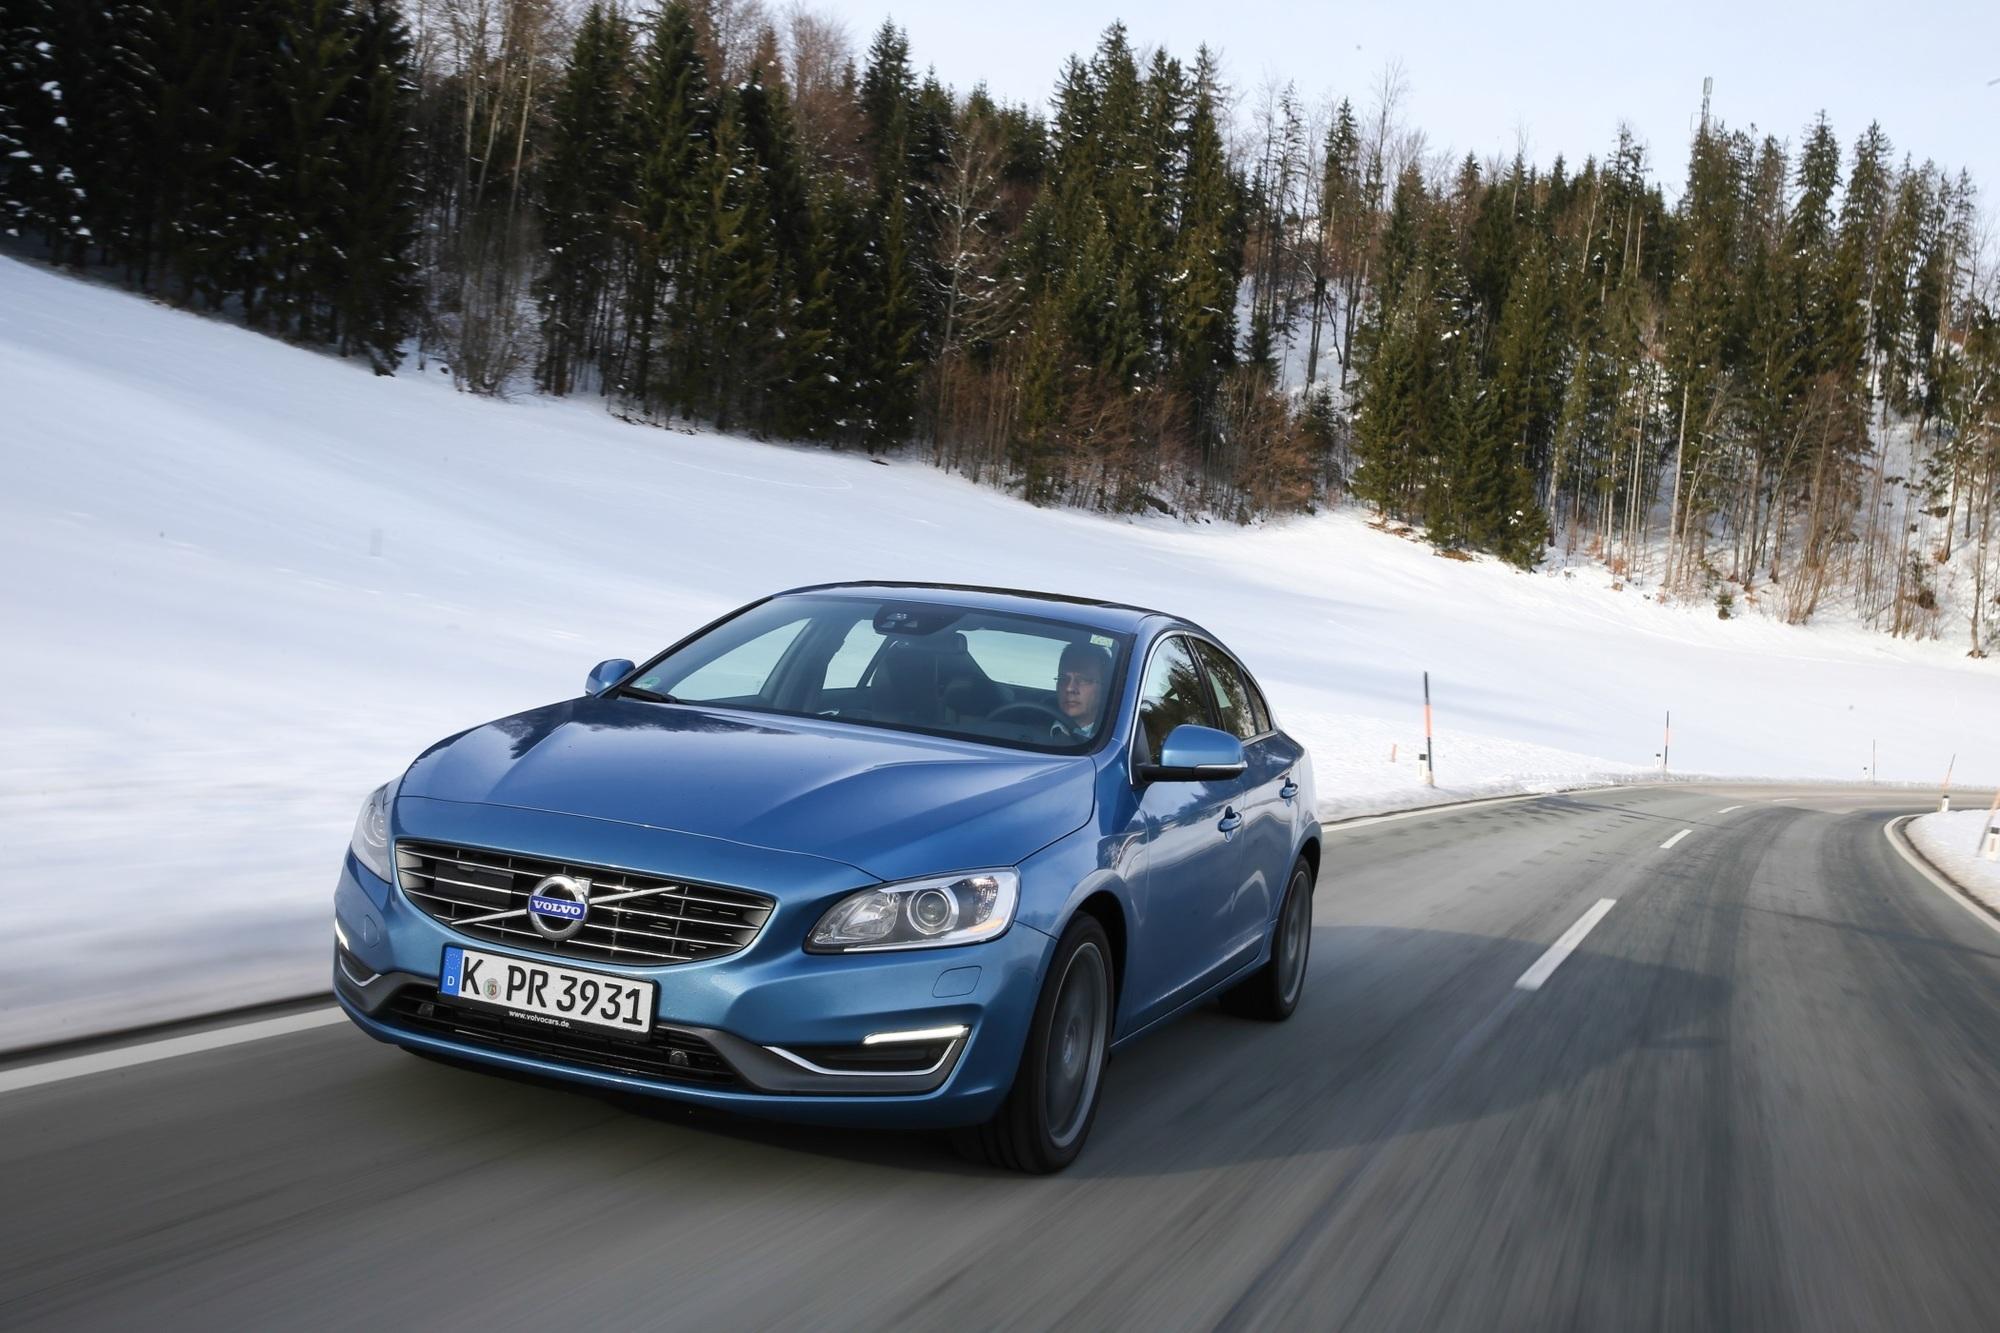 Test: Volvo S60 D4 - Es sind nur Kleinigkeiten